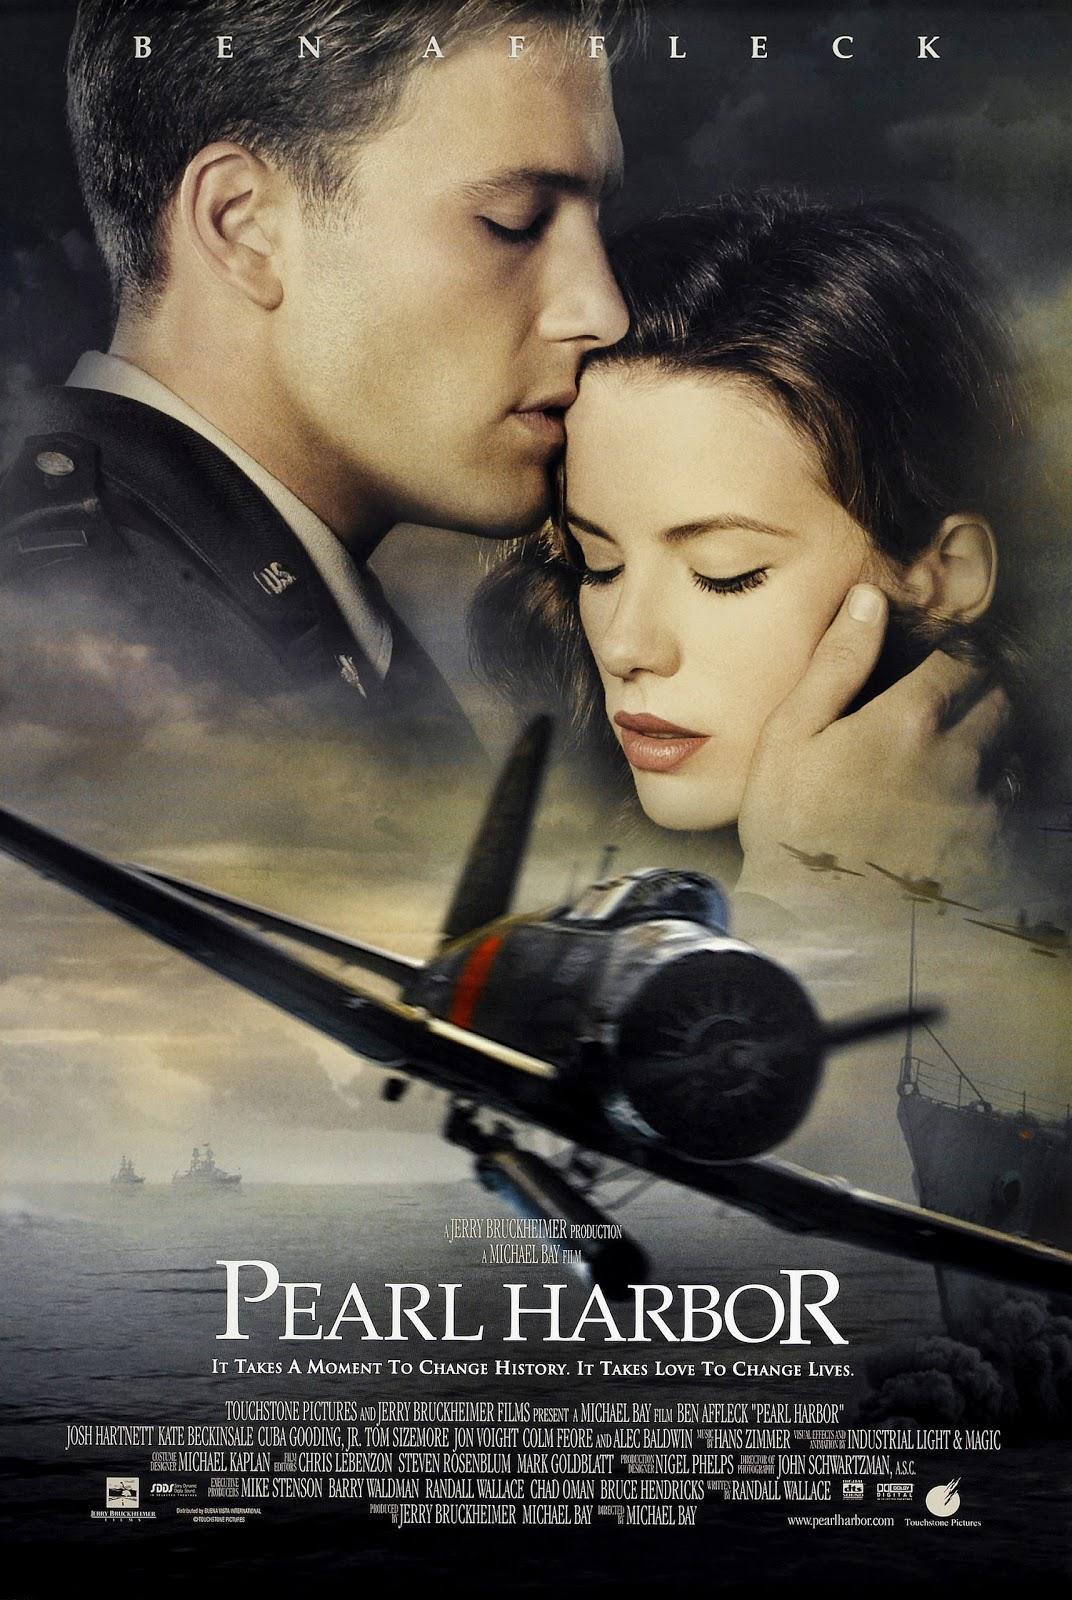 http://1.bp.blogspot.com/-O7ikaO72aG0/UADGEsT4IaI/AAAAAAAACl8/dzXFyduG93k/s1600/Pearl_Harbor_cinefiloymedio.jpg